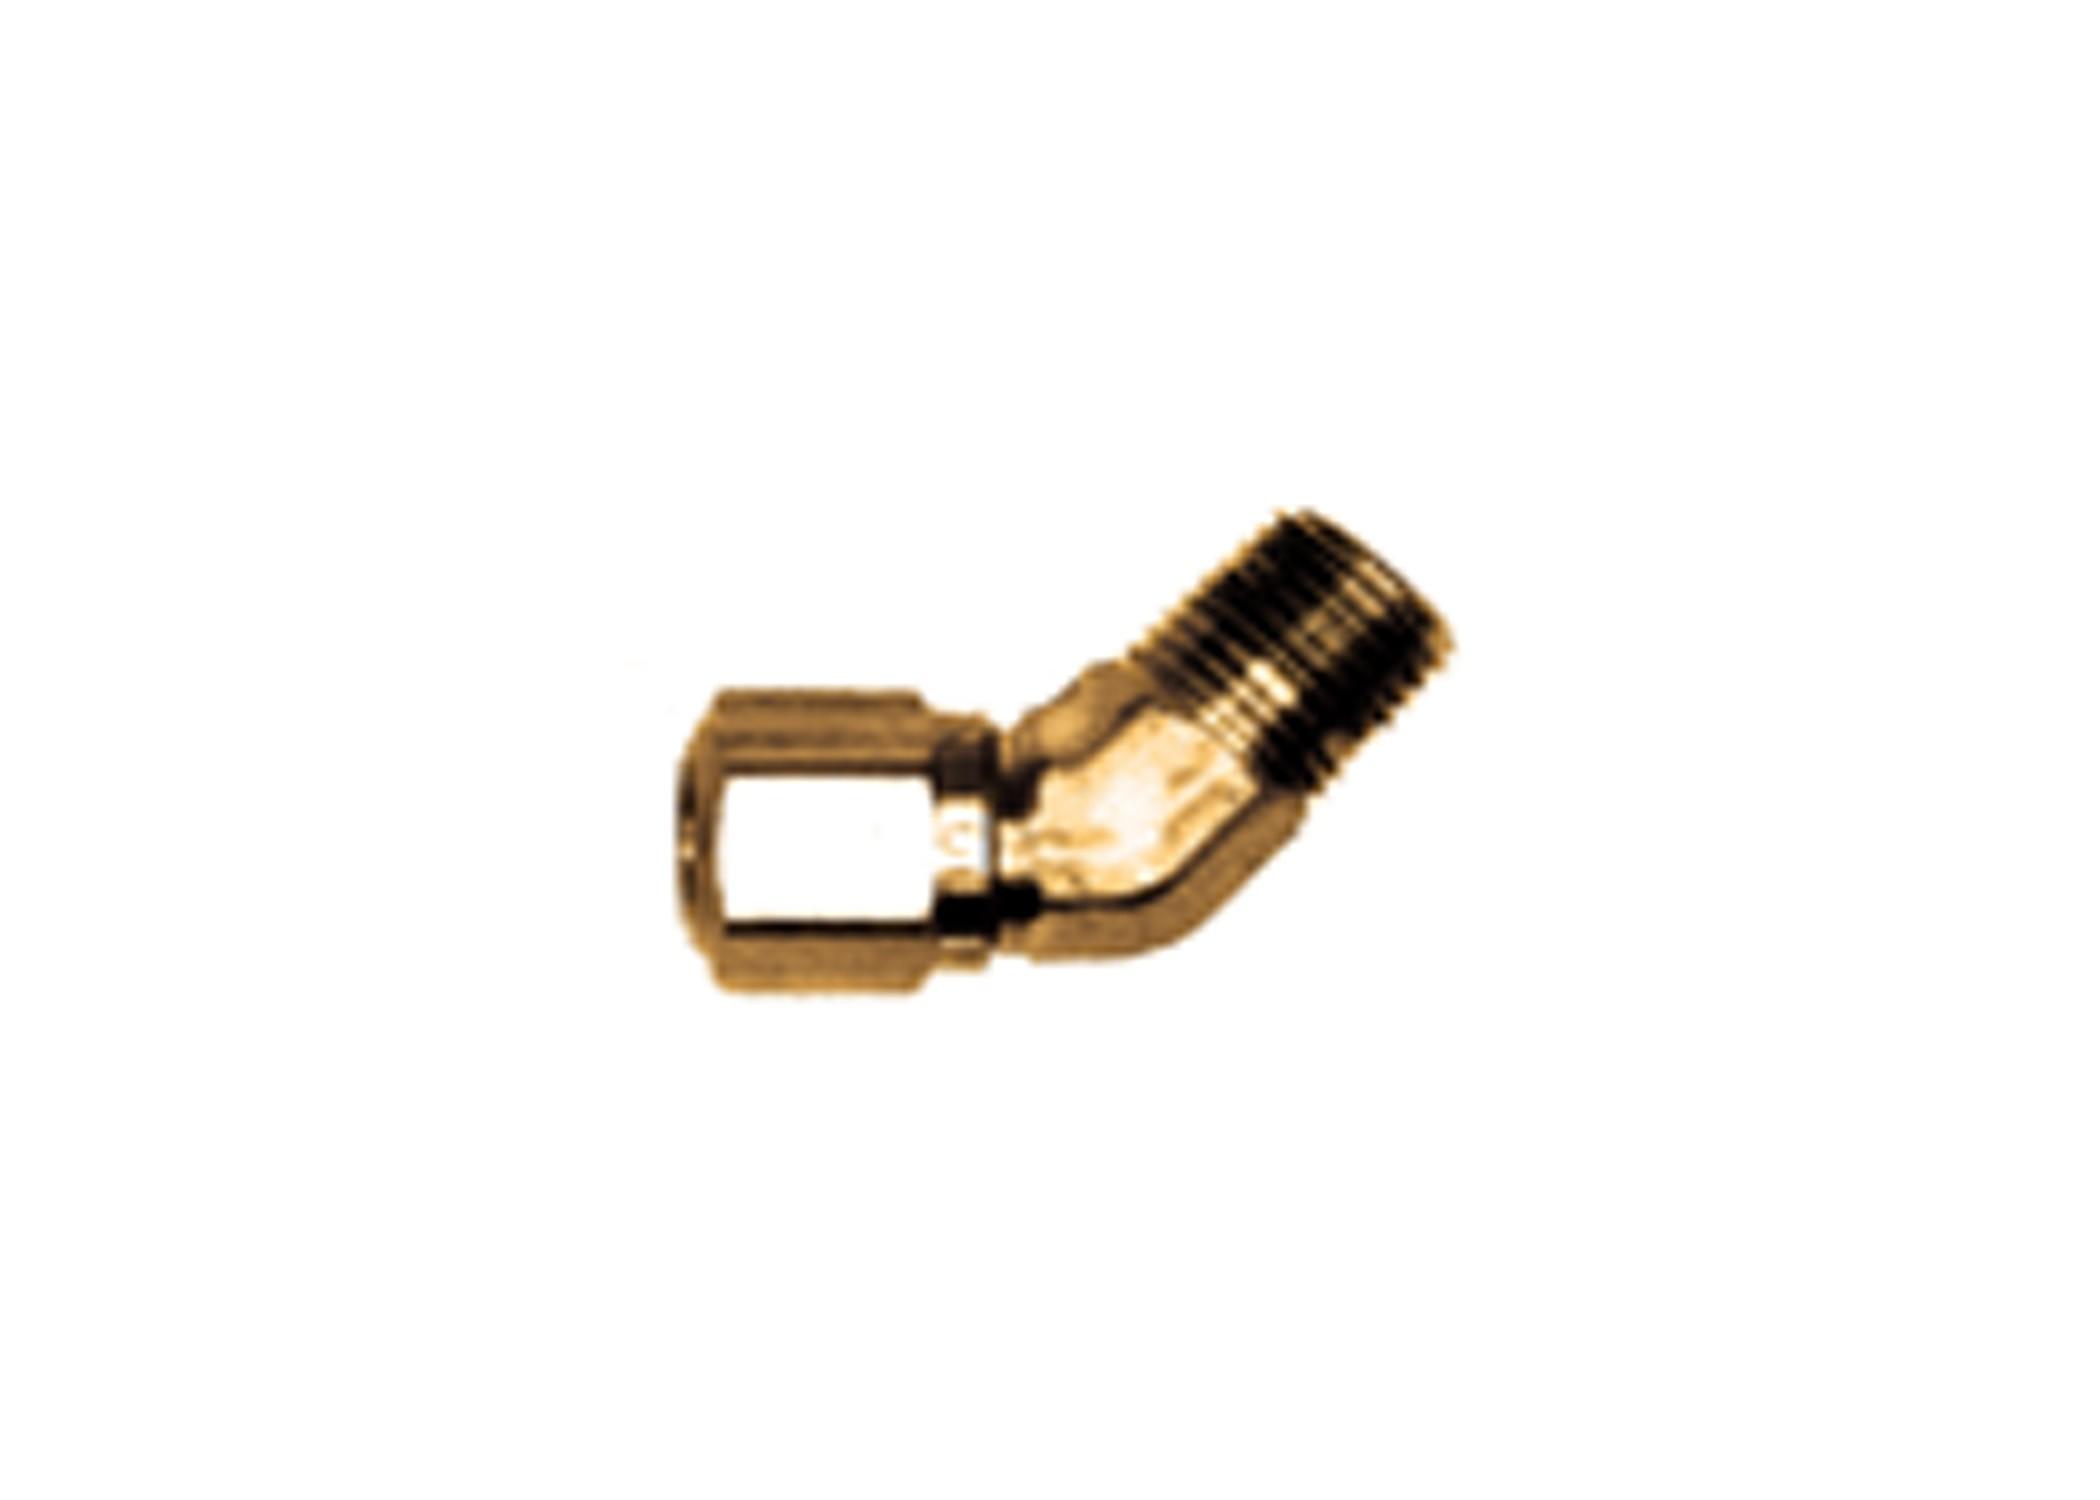 45 degree nylon tubing fitting  3  8in od  1  8in npt